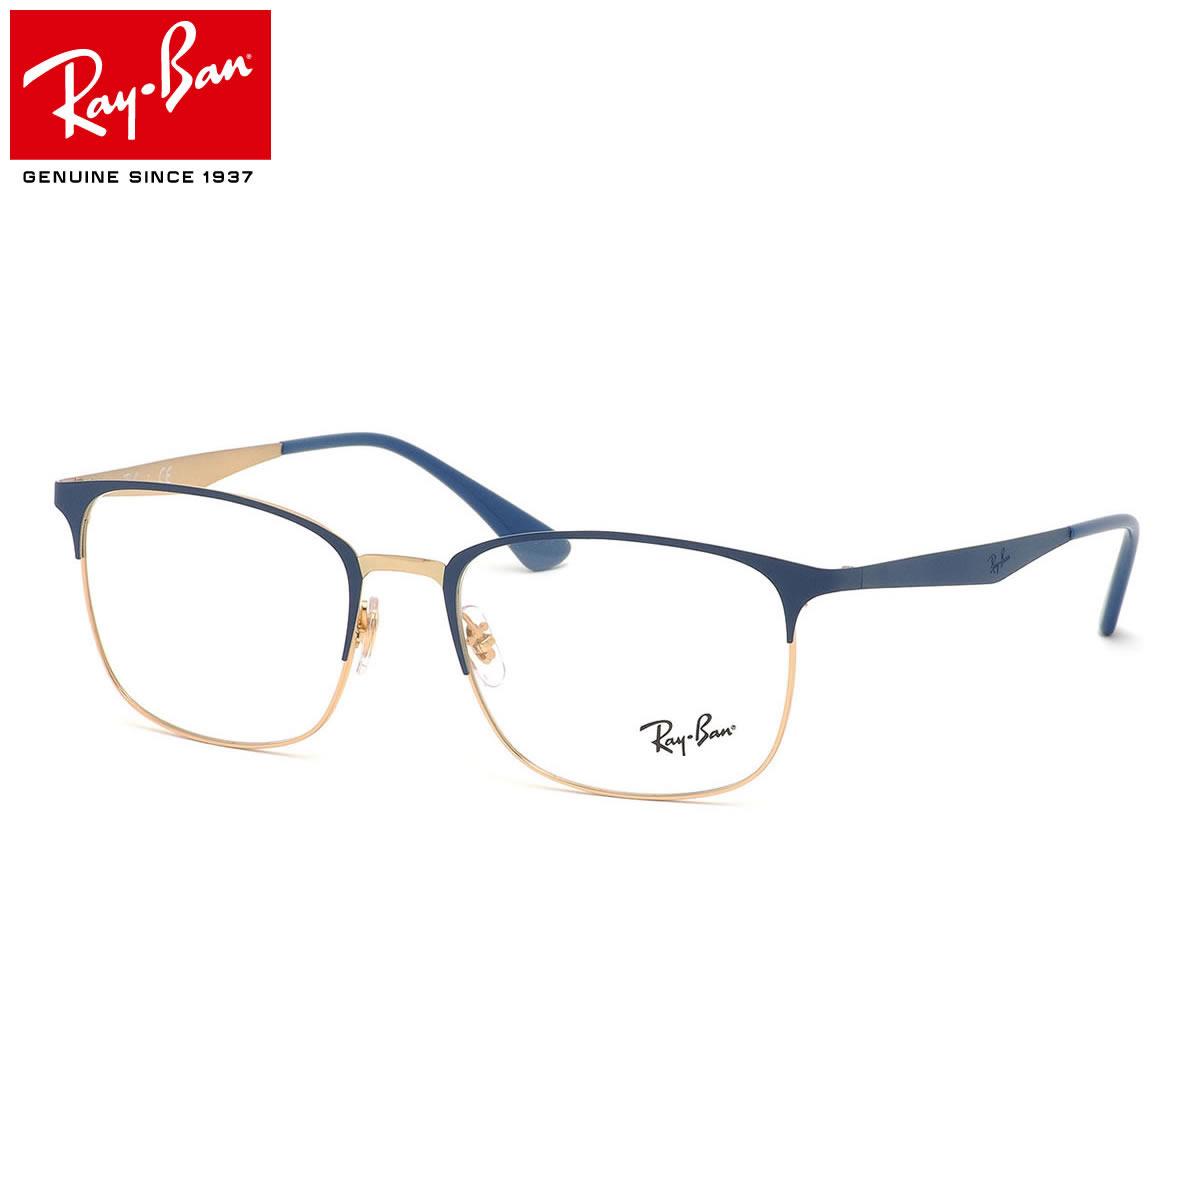 Ray-Ban レイバン メガネ RX6421 3002 54サイズ メタル マット ブロー スクエア メンズ レディース